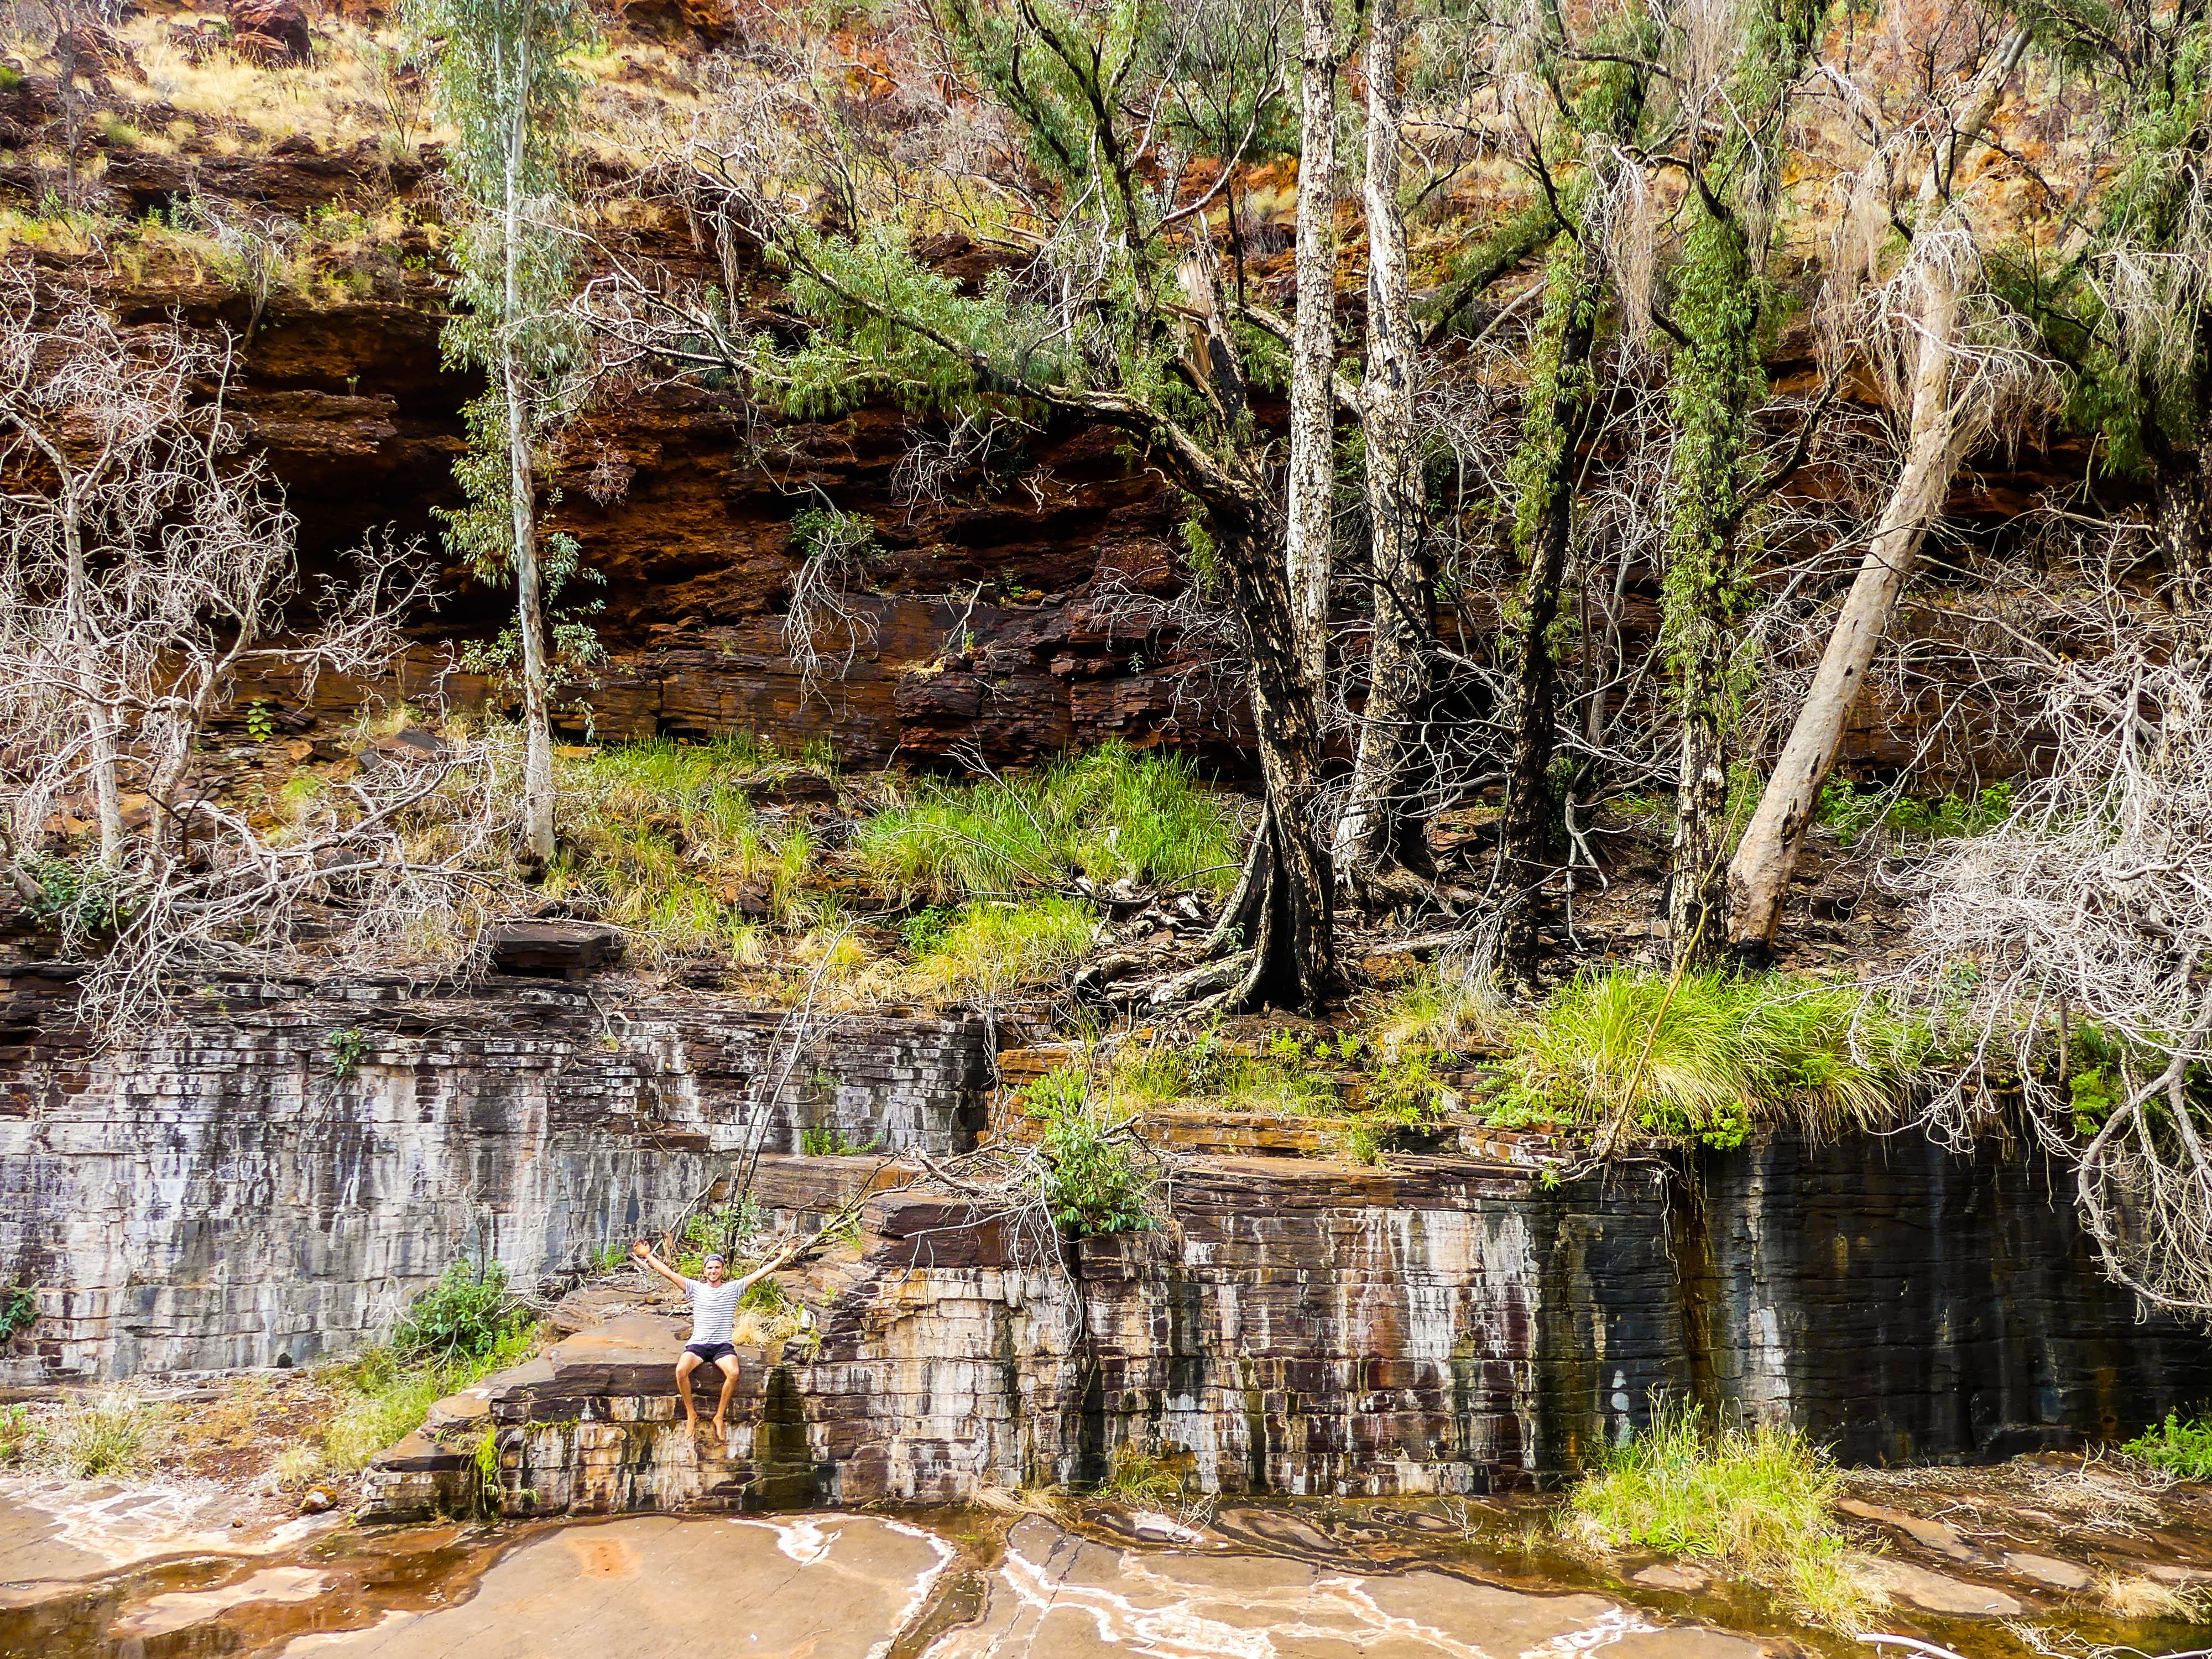 Steine Dales Gorge